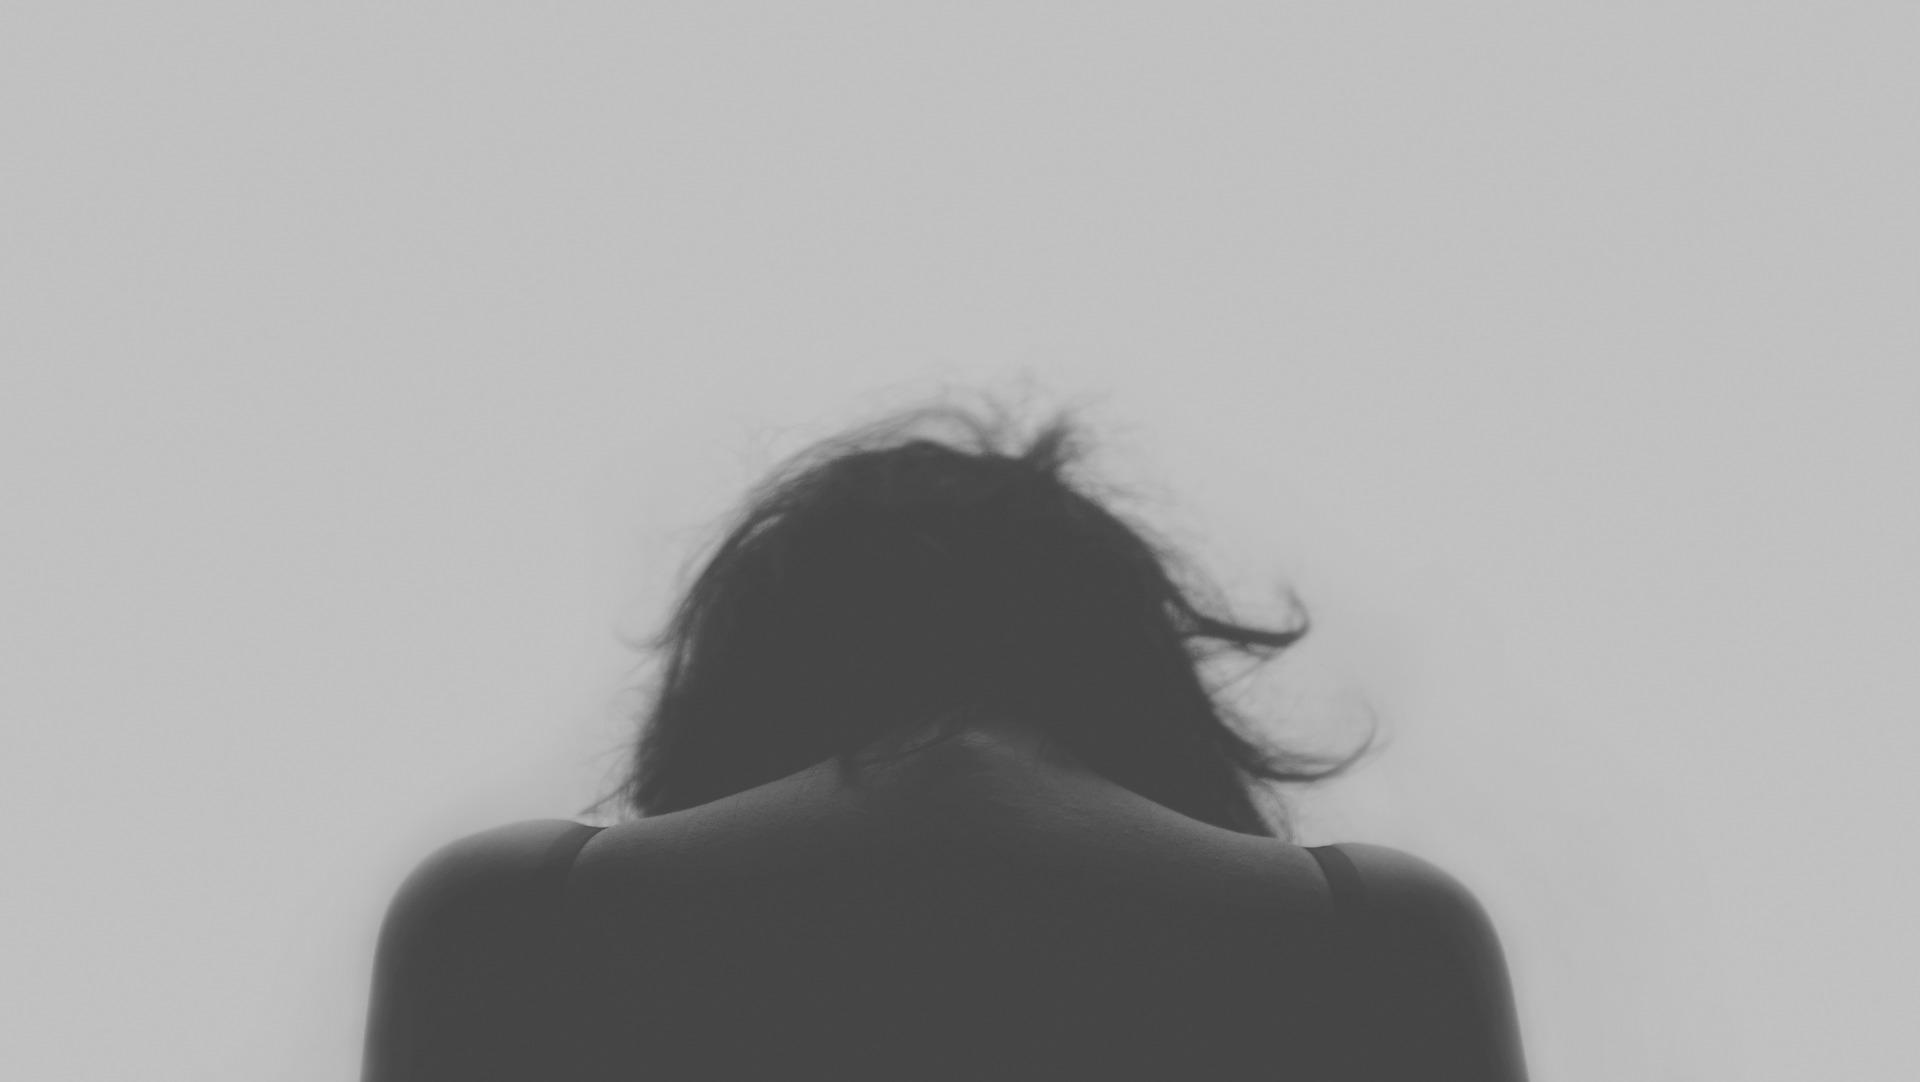 Perdida de peso y fatiga como sintoma de trastornos depresivos